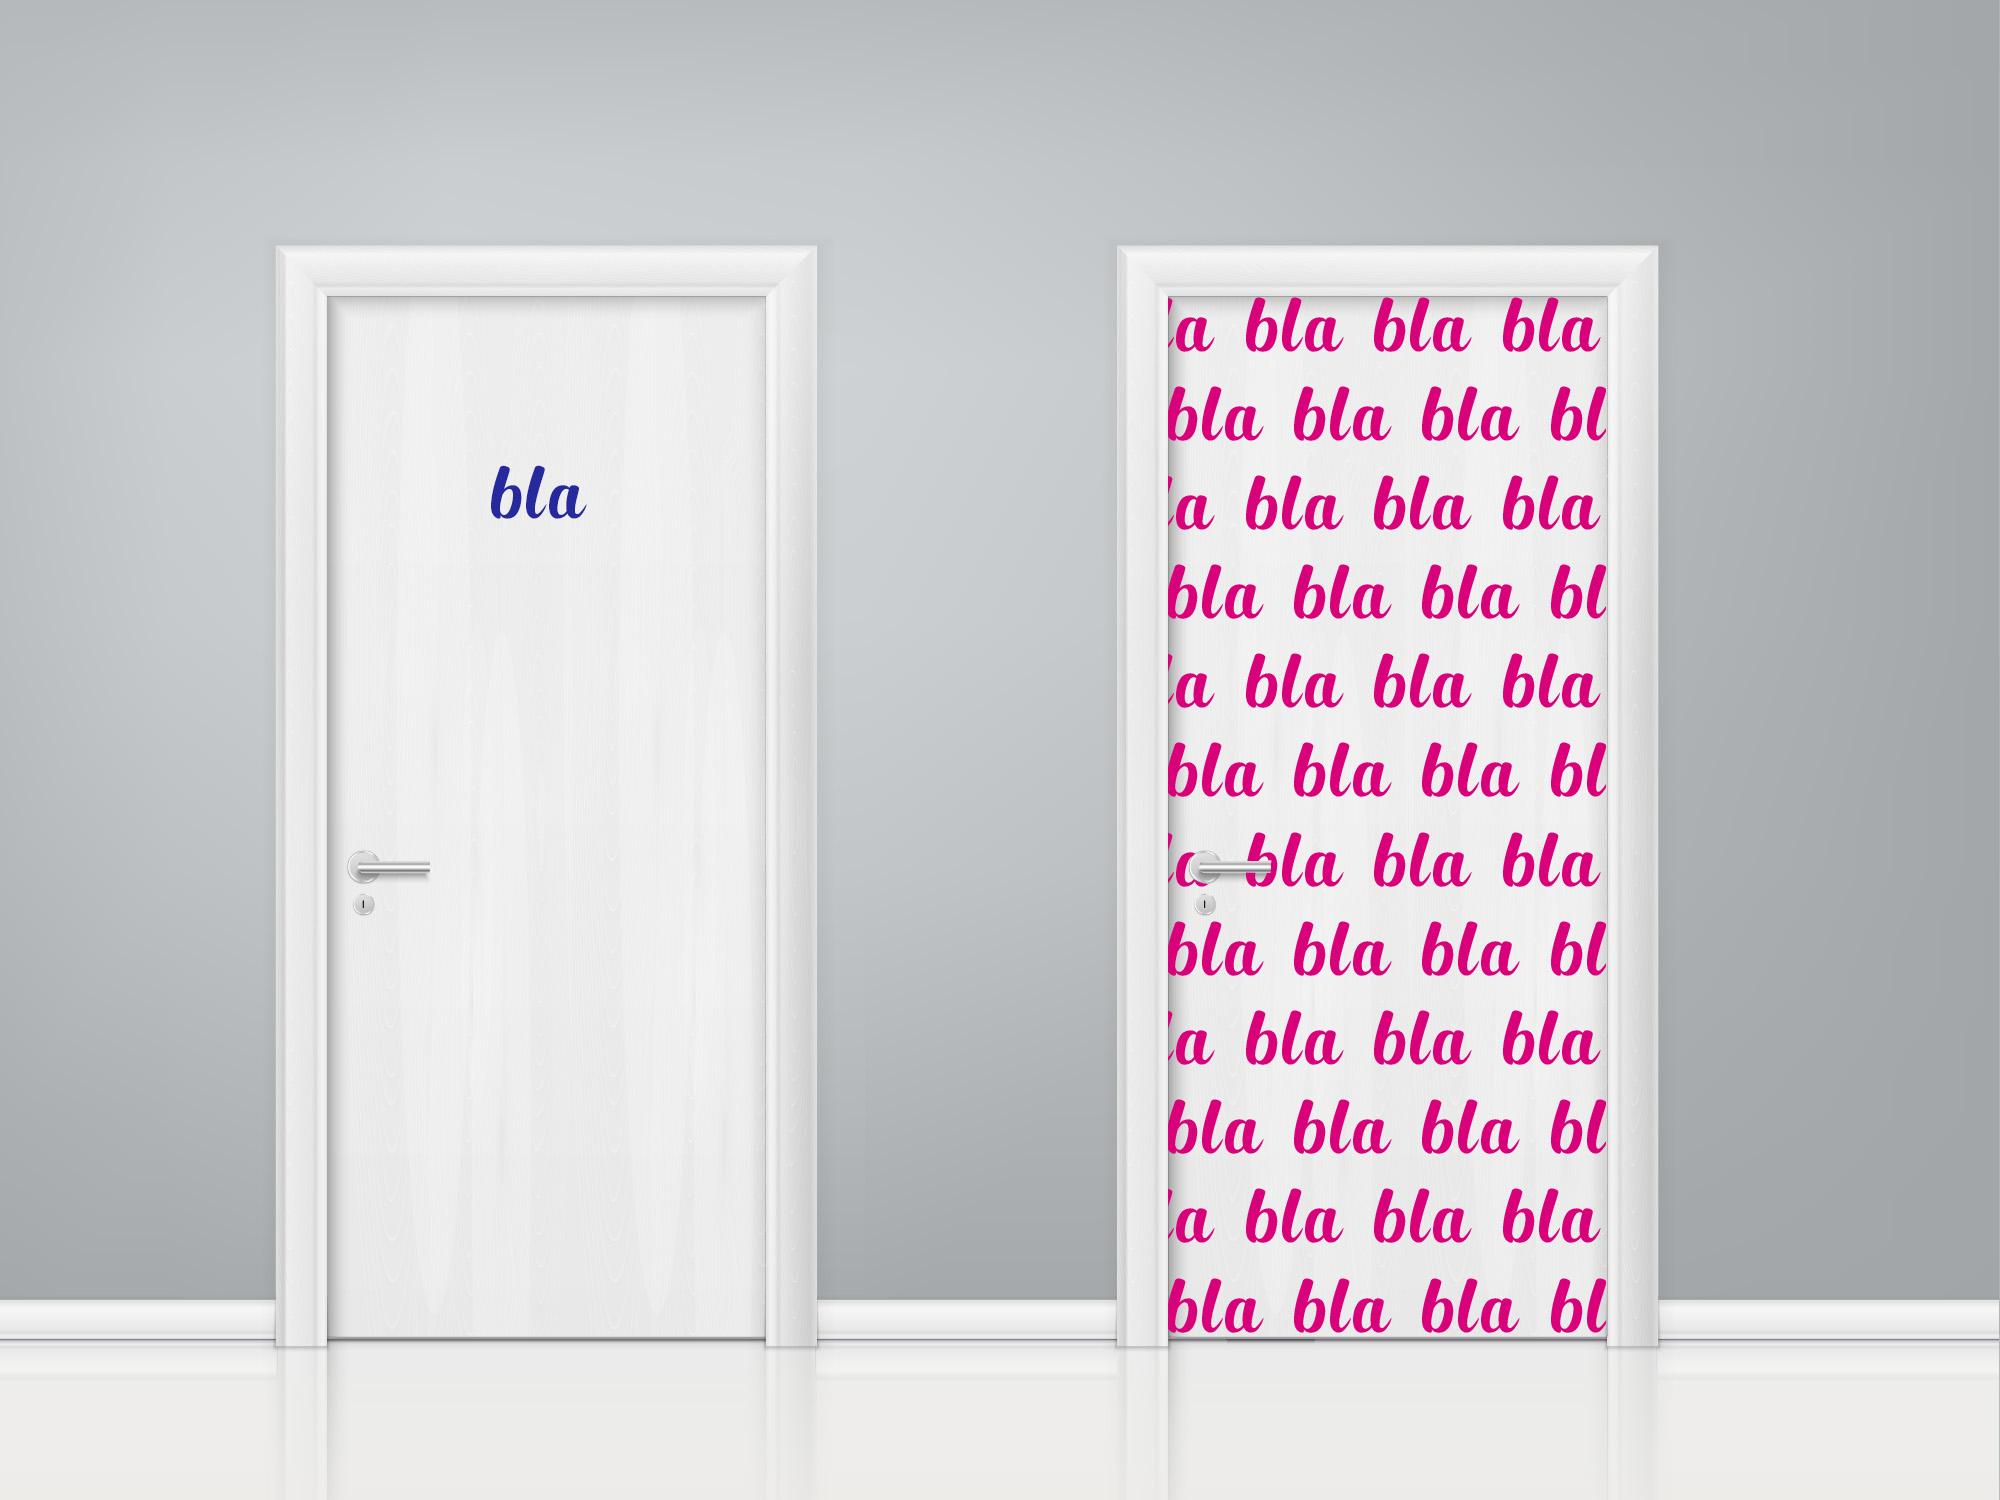 Aufkleber Türaufkleber Bad WC Mann Frau SET Bla Bla Bla Toilette Fun Sticker Farbe Blau und Pink